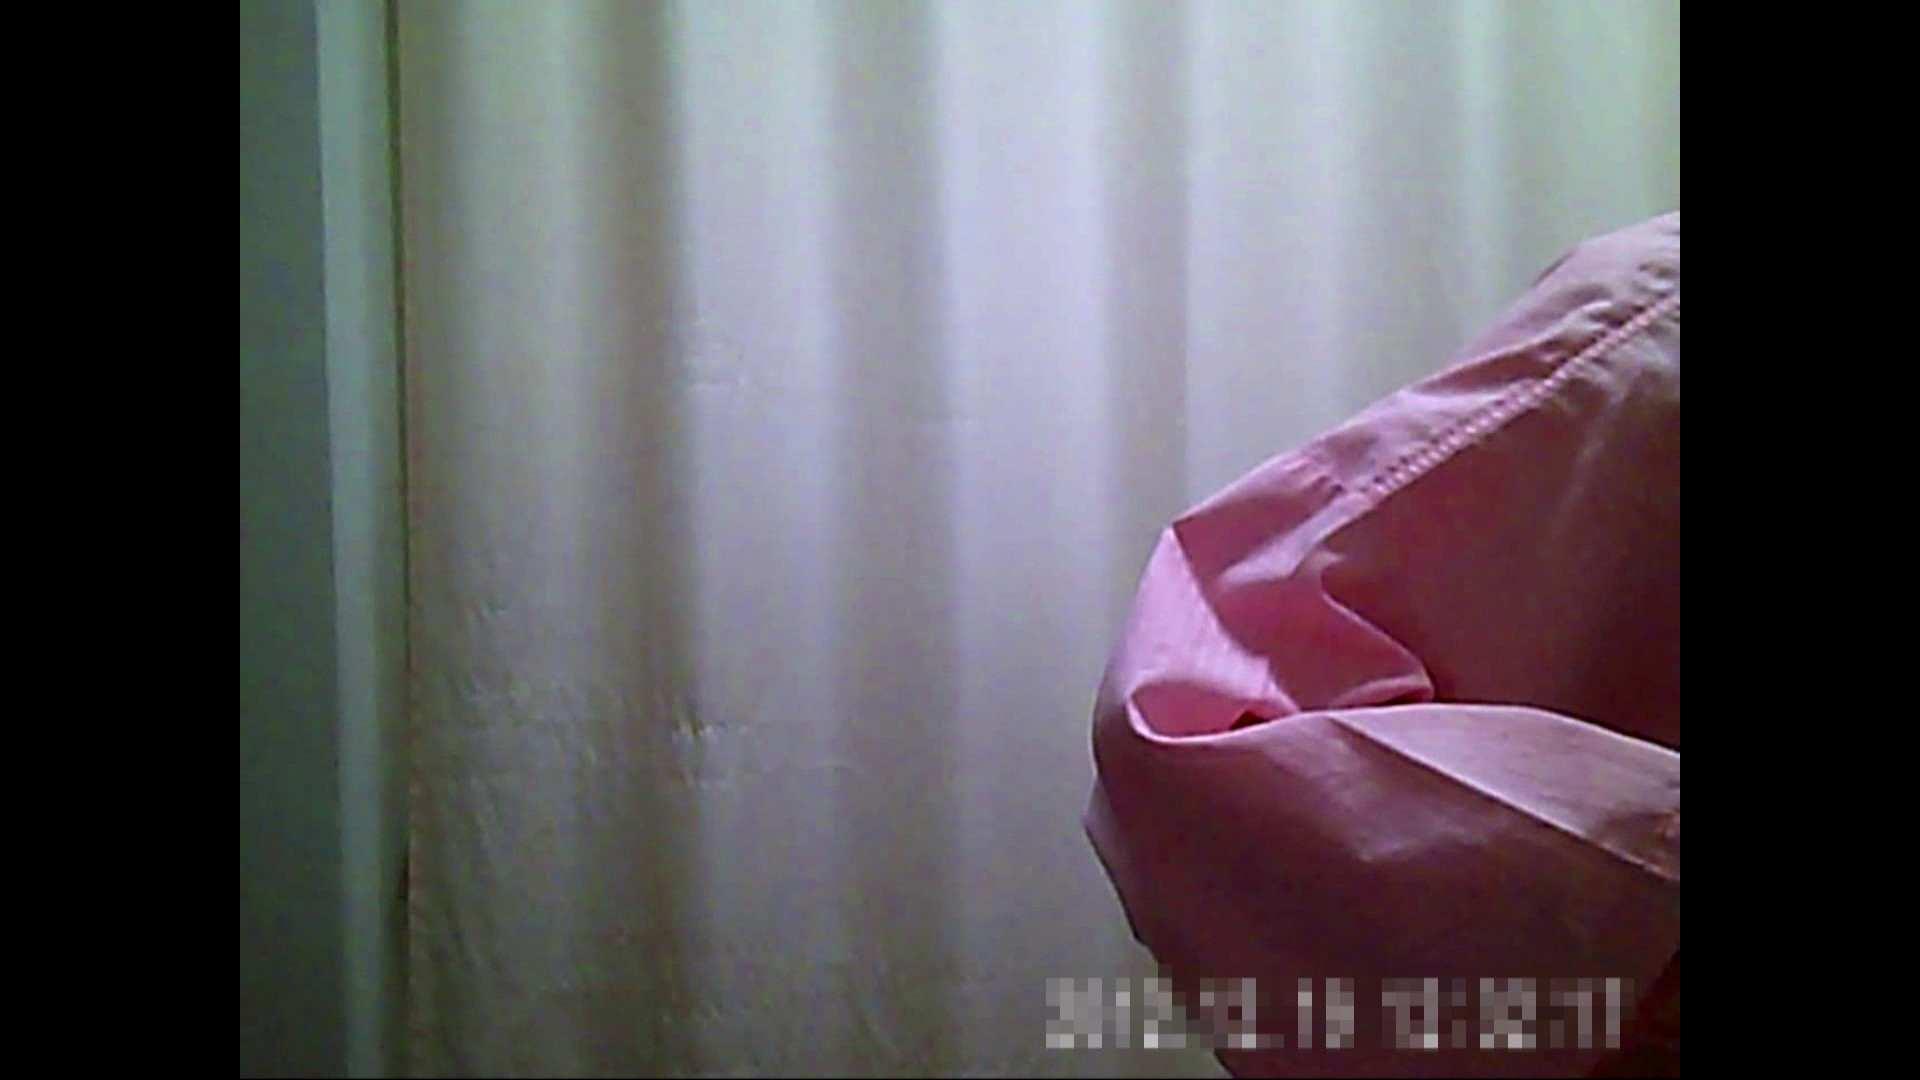 病院おもいっきり着替え! vol.181 貧乳 のぞき動画画像 102pic 69